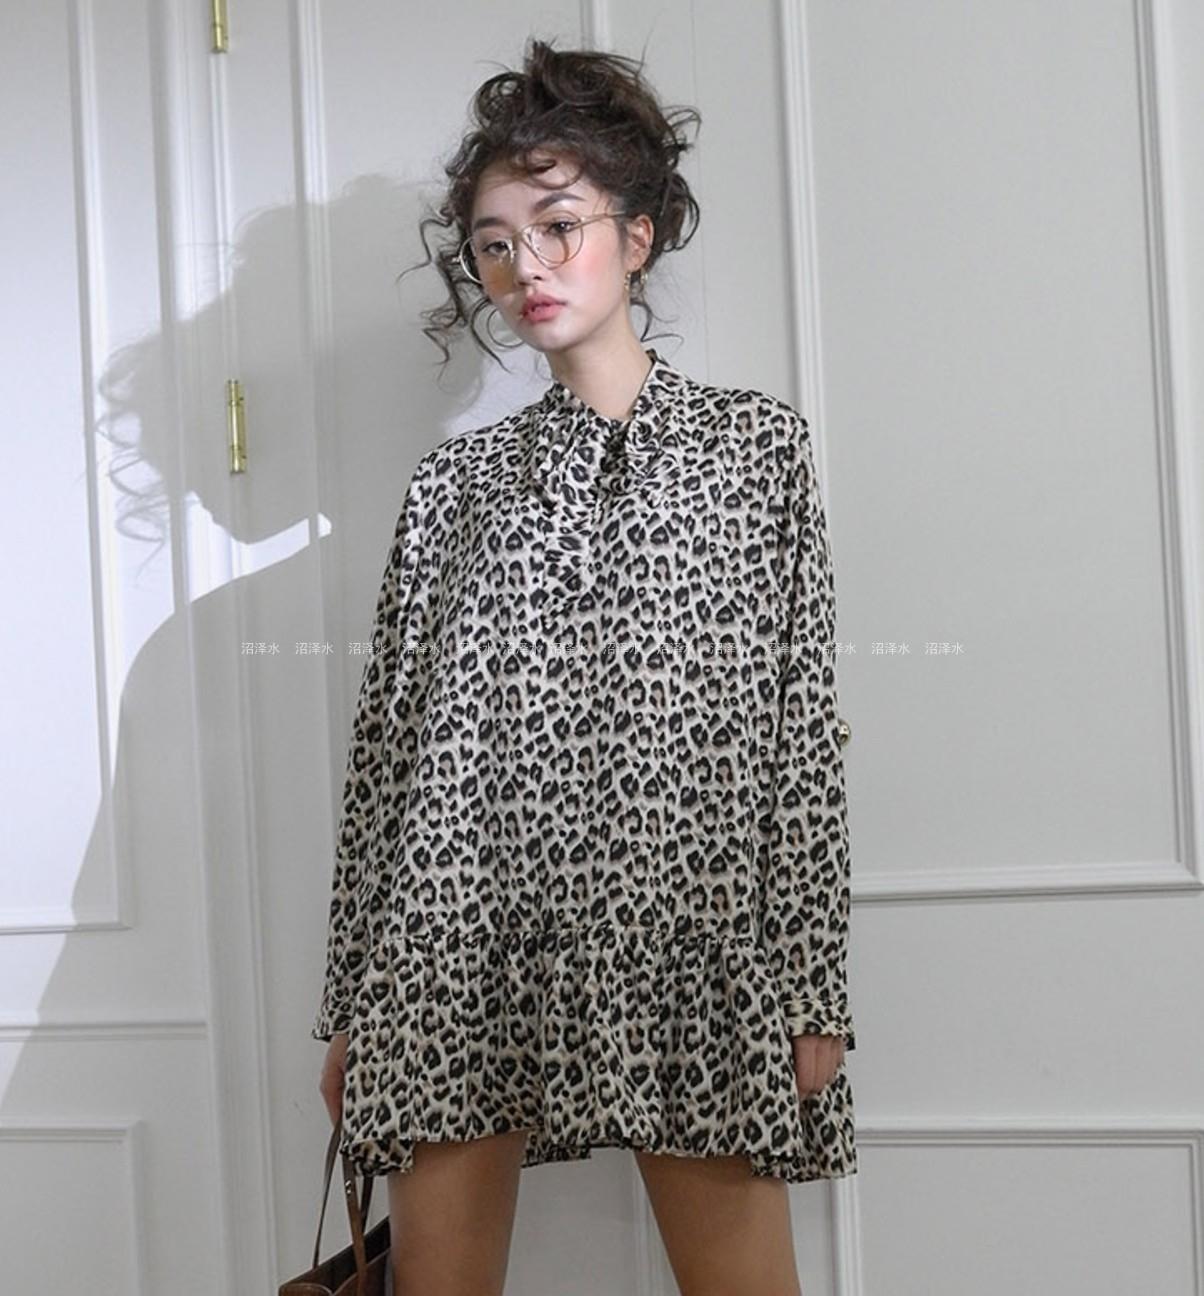 狂野个性stylenanda洛丽塔系列 豹纹印花 娃娃连衣裙